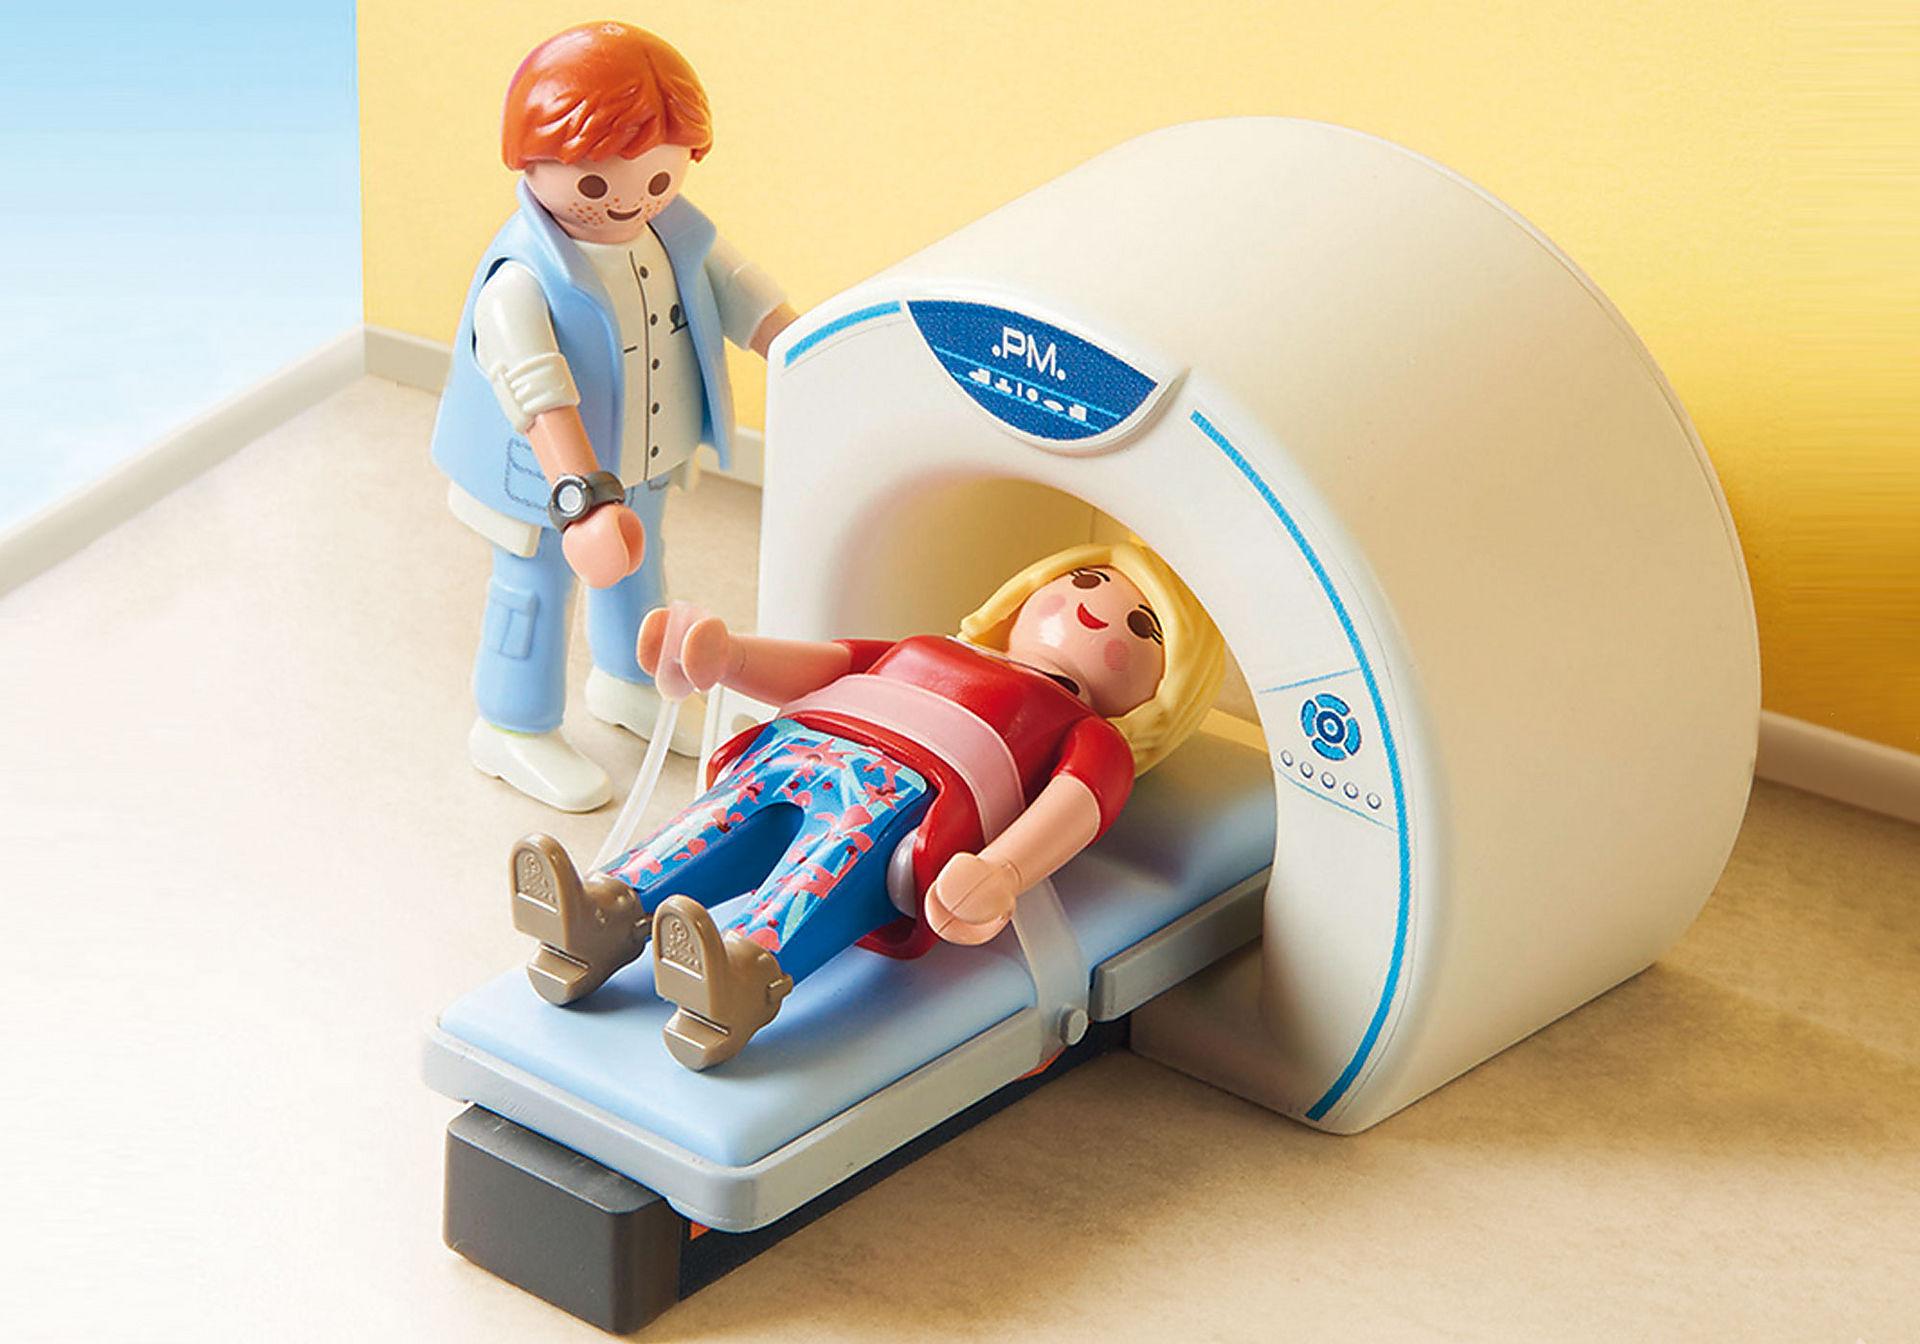 70196 Salle de radiologie  zoom image4